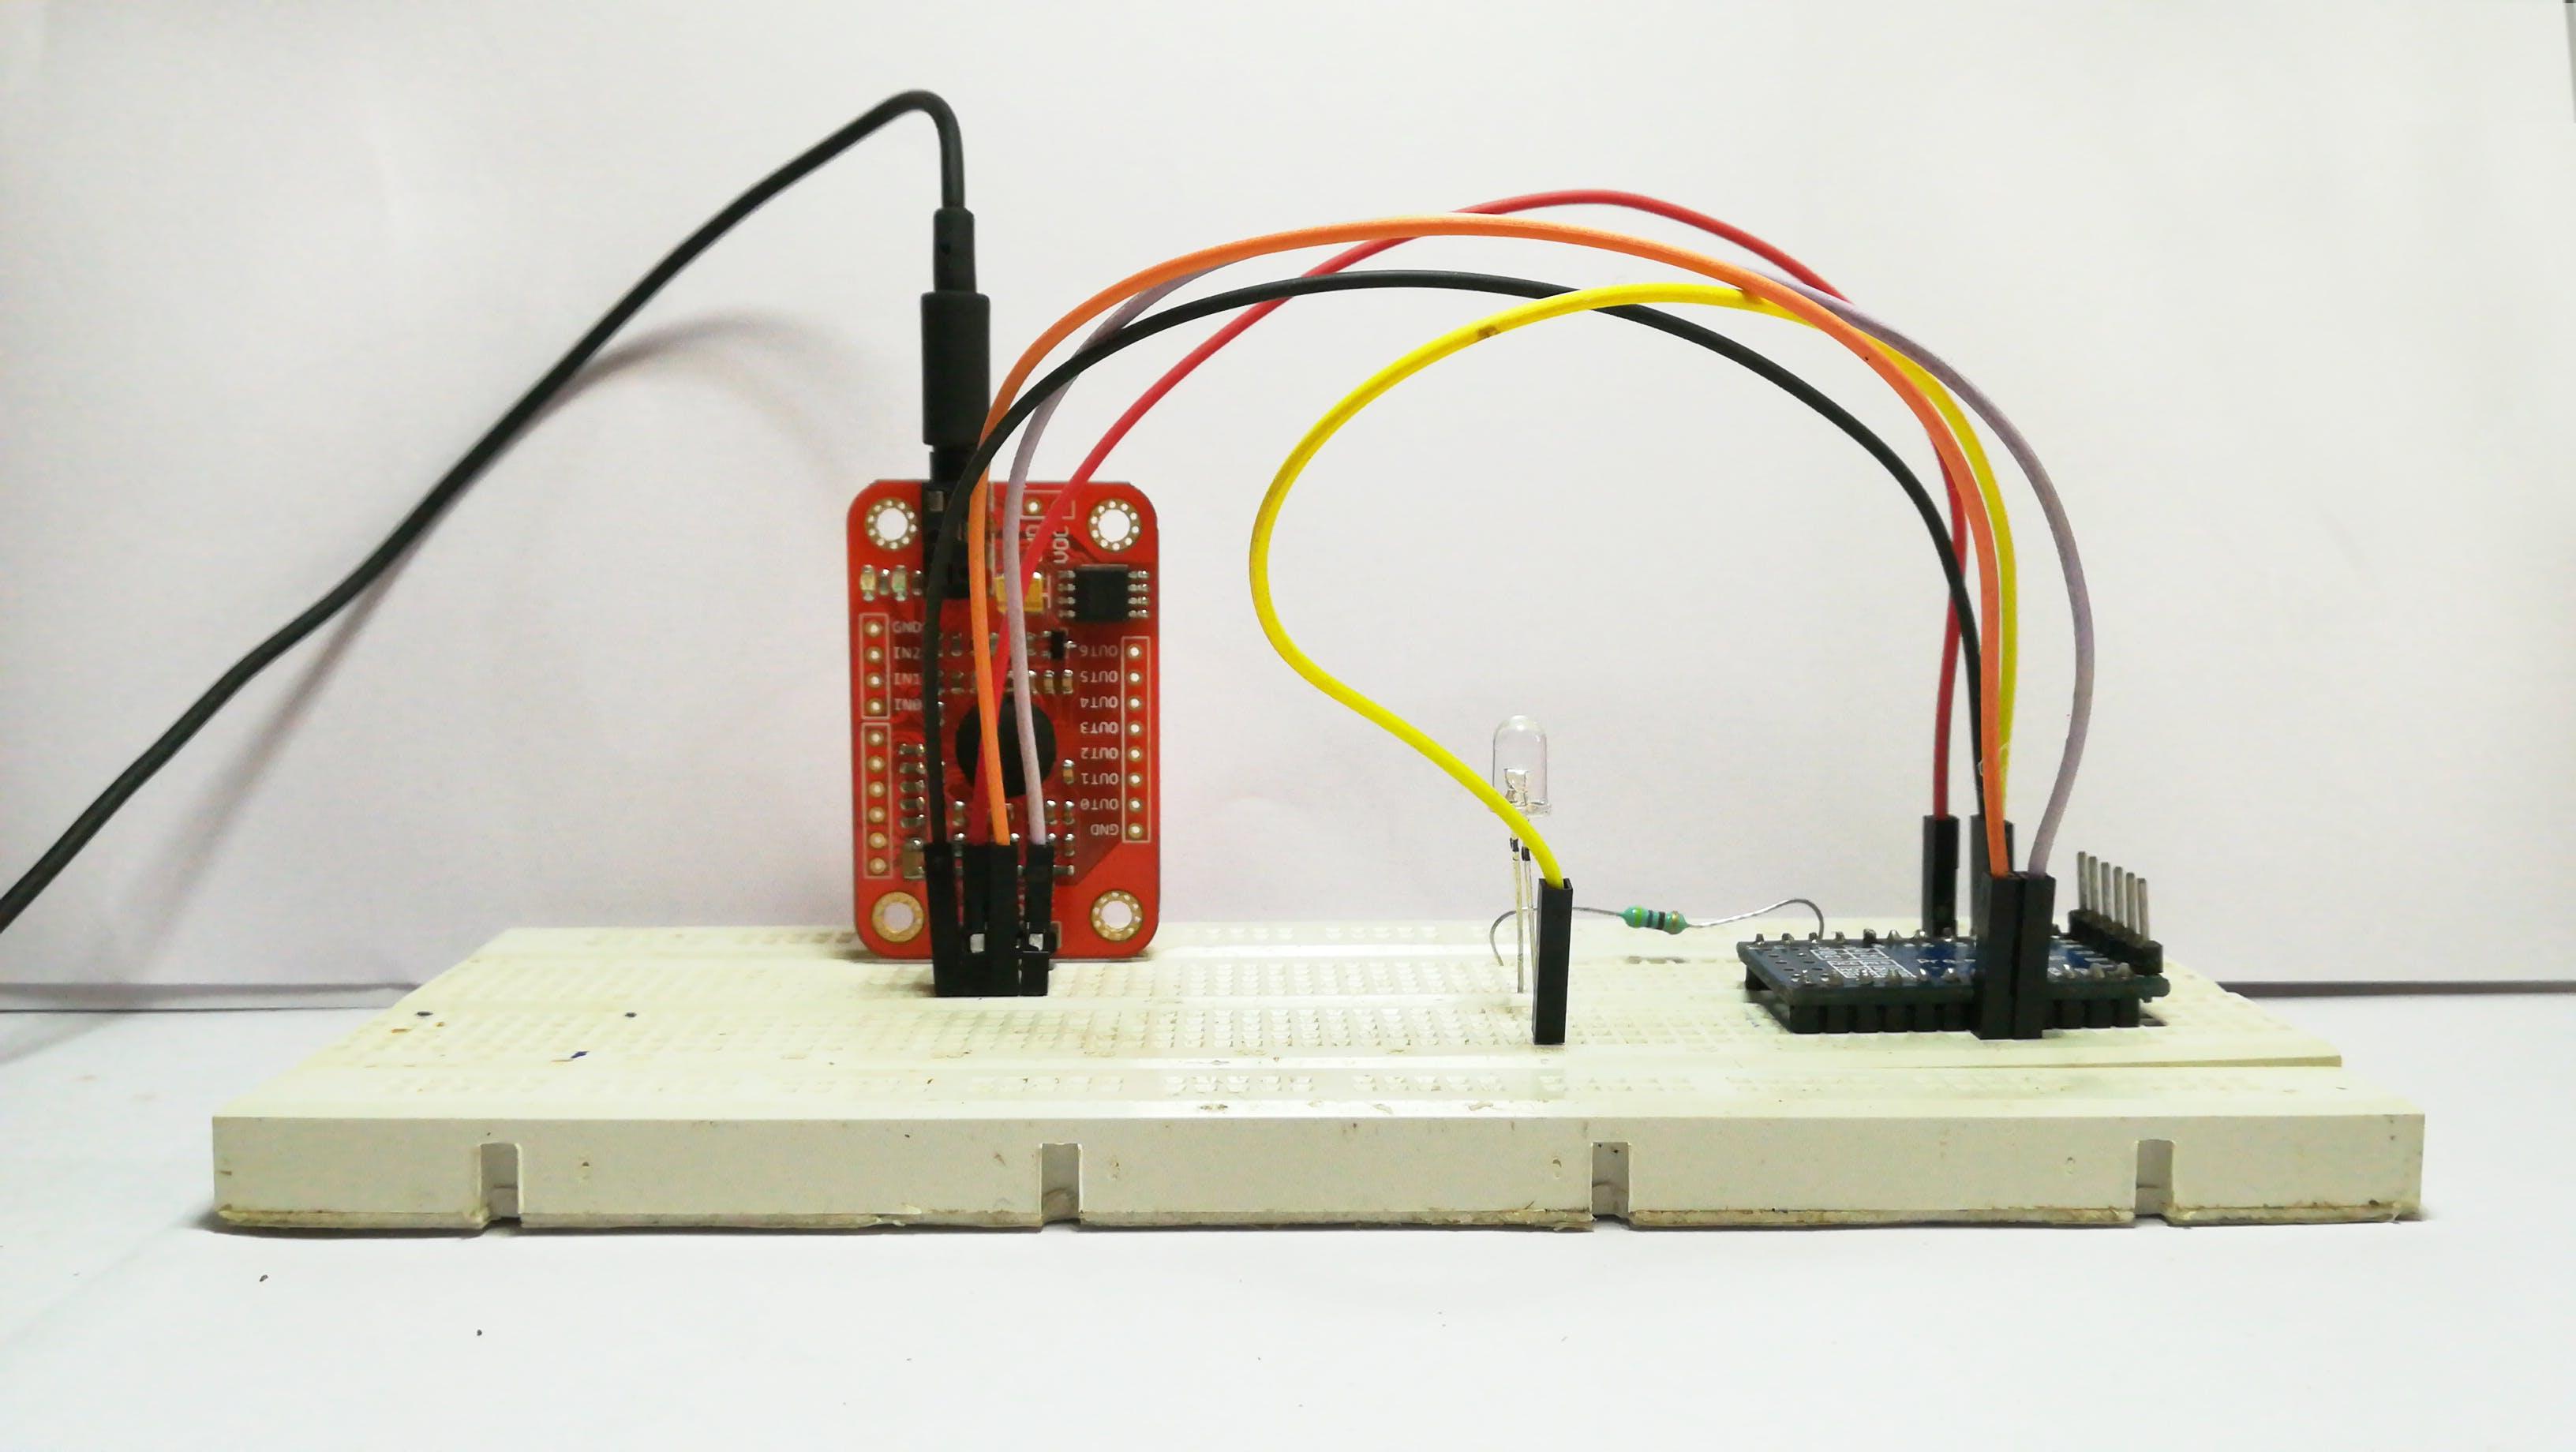 Breadboard Prototype